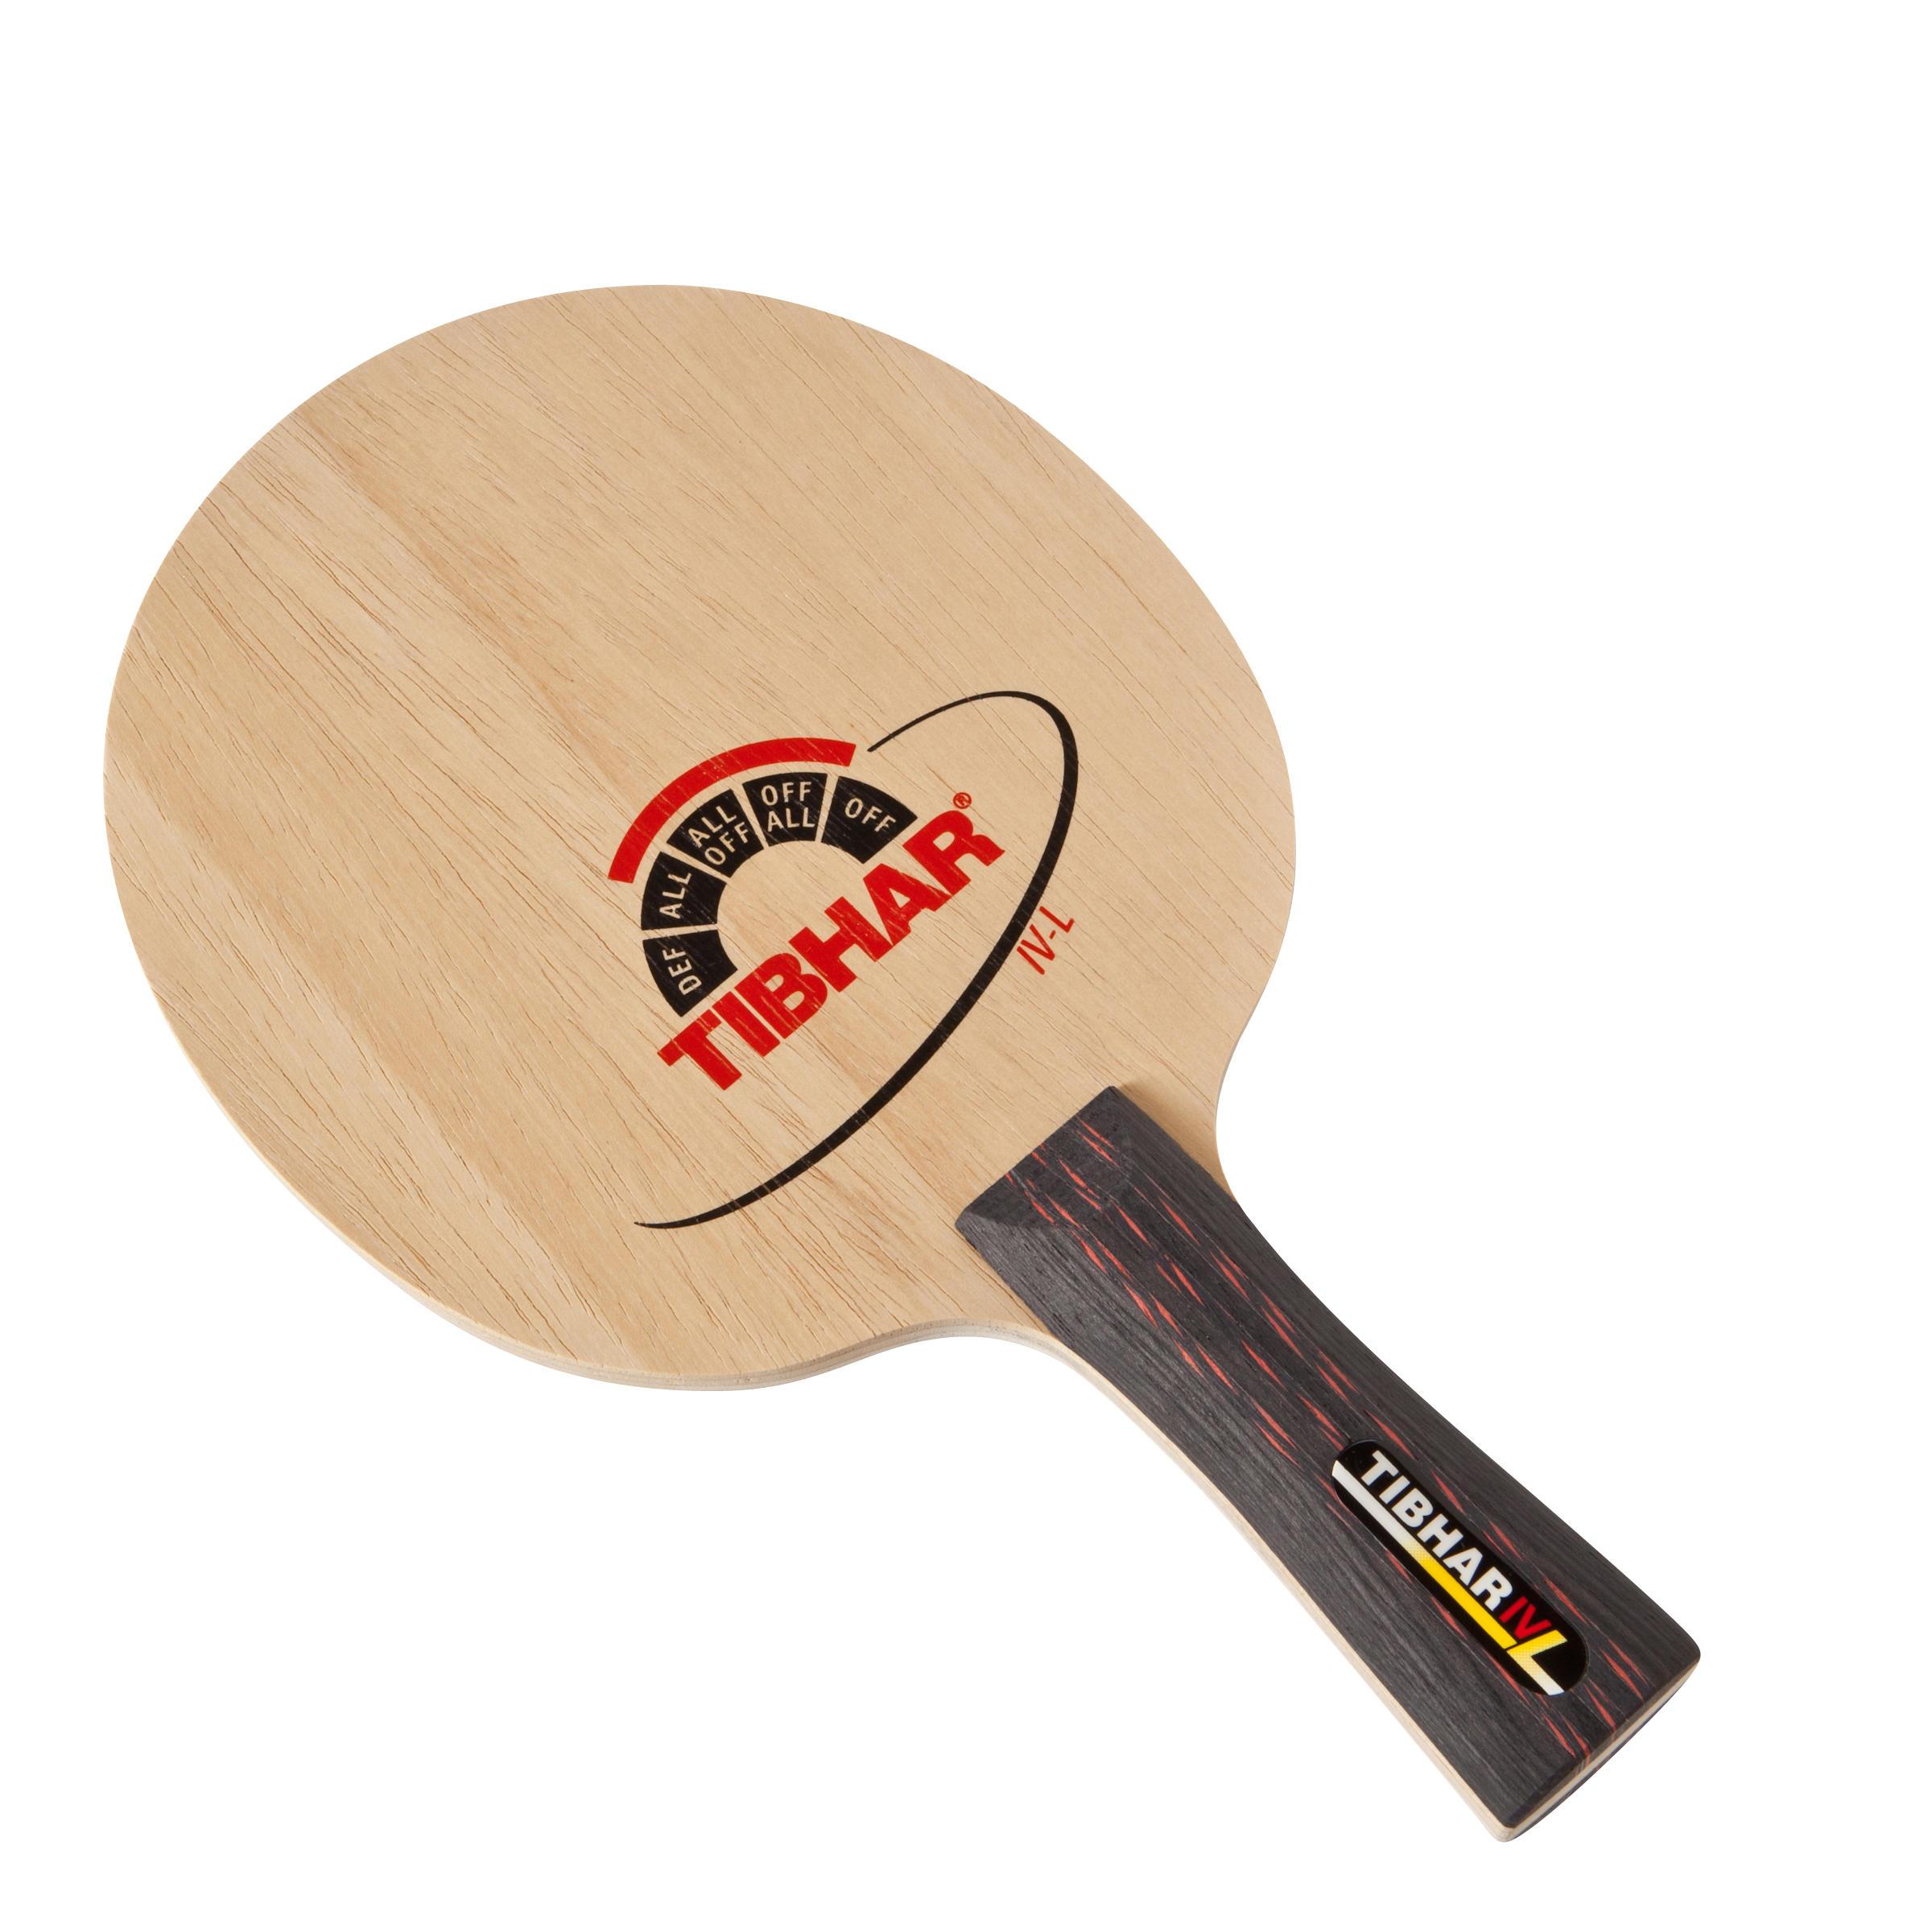 Structură lemn paletă tenis imagine